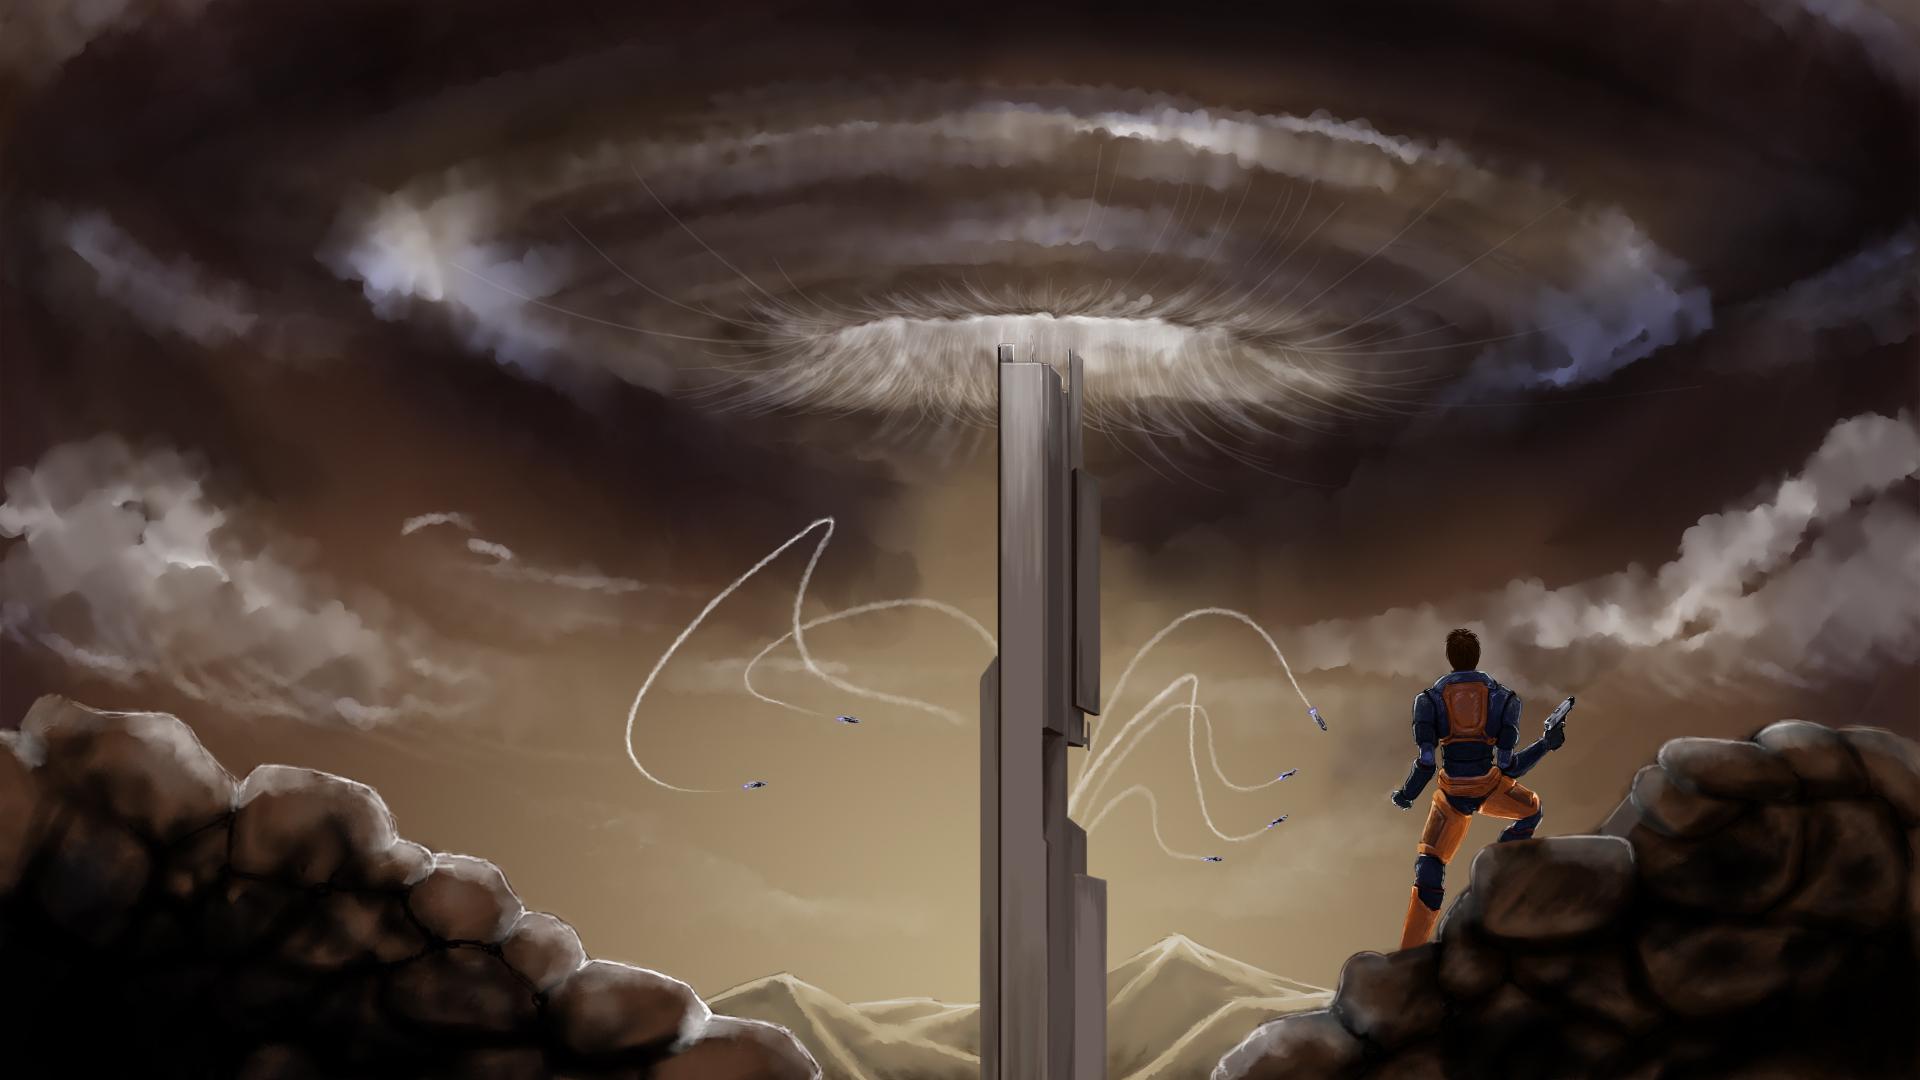 half-life 2 details